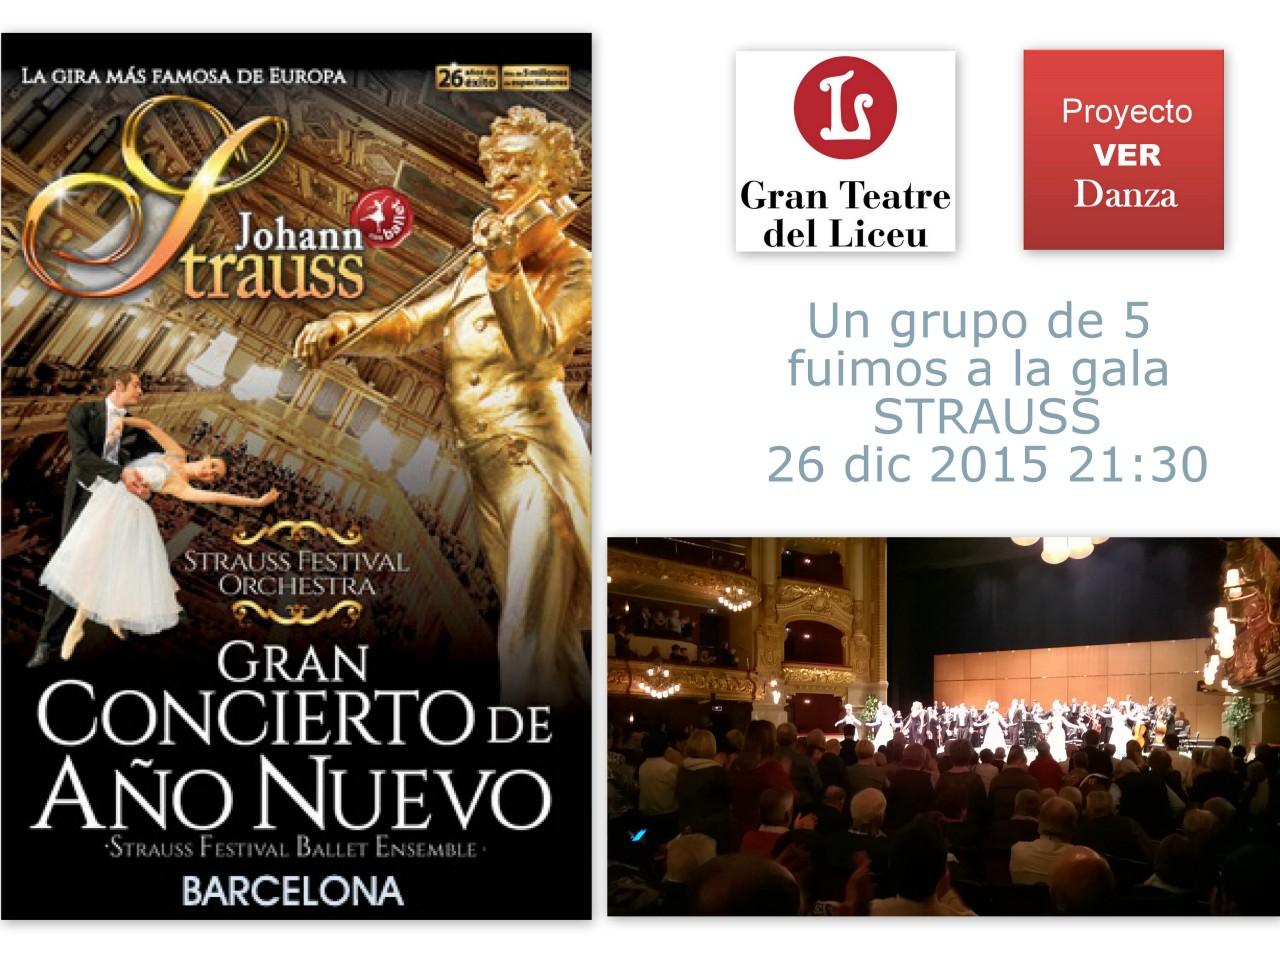 Liceu Concierto de Año Nuevo STRAUSS_collage 26 dic 2015